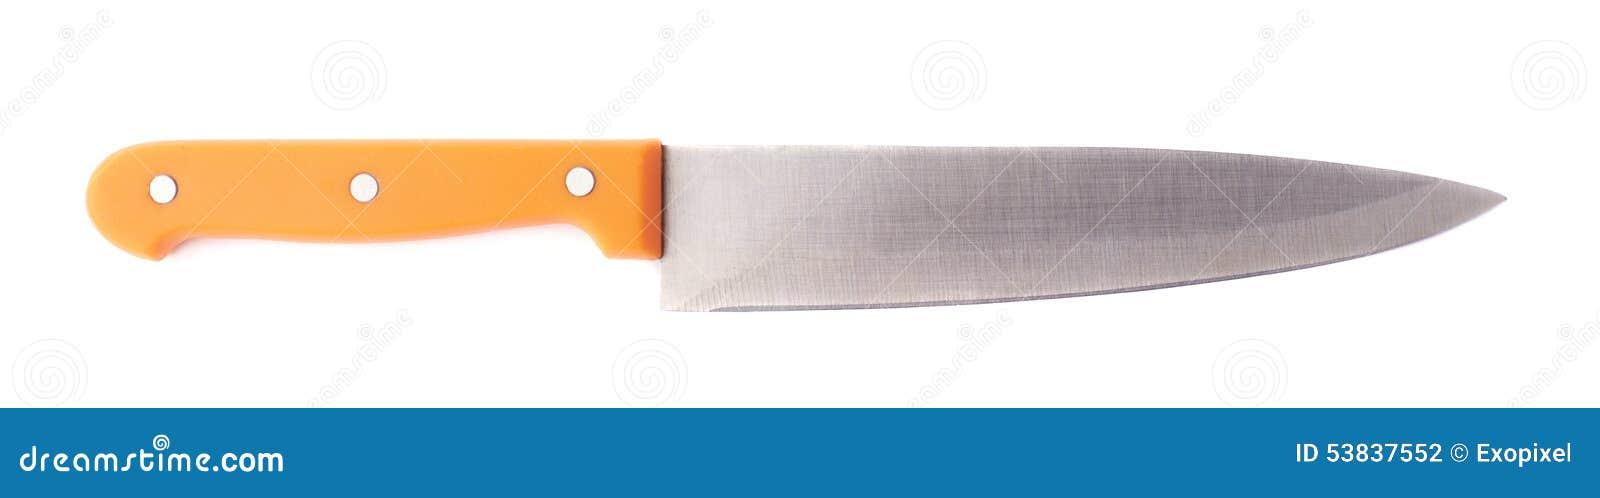 Coltello da cucina d 39 acciaio isolato fotografia stock - Coltello da cucina ...